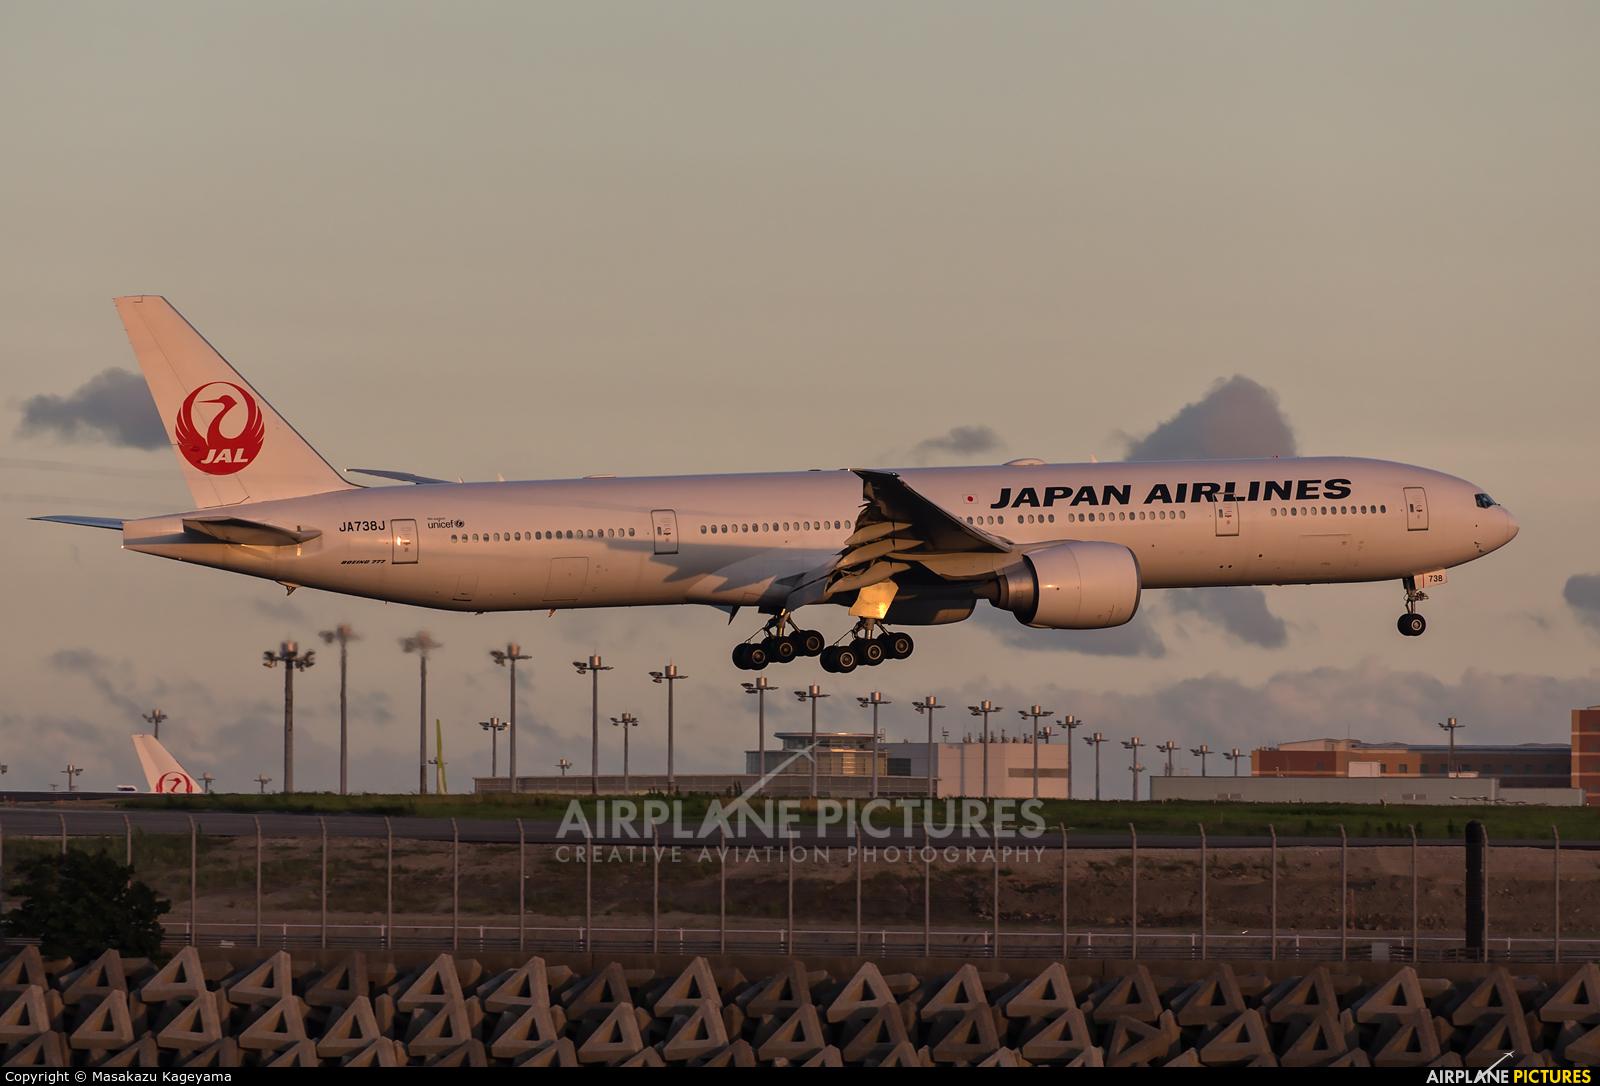 JAL - Japan Airlines JA738J aircraft at Tokyo - Haneda Intl